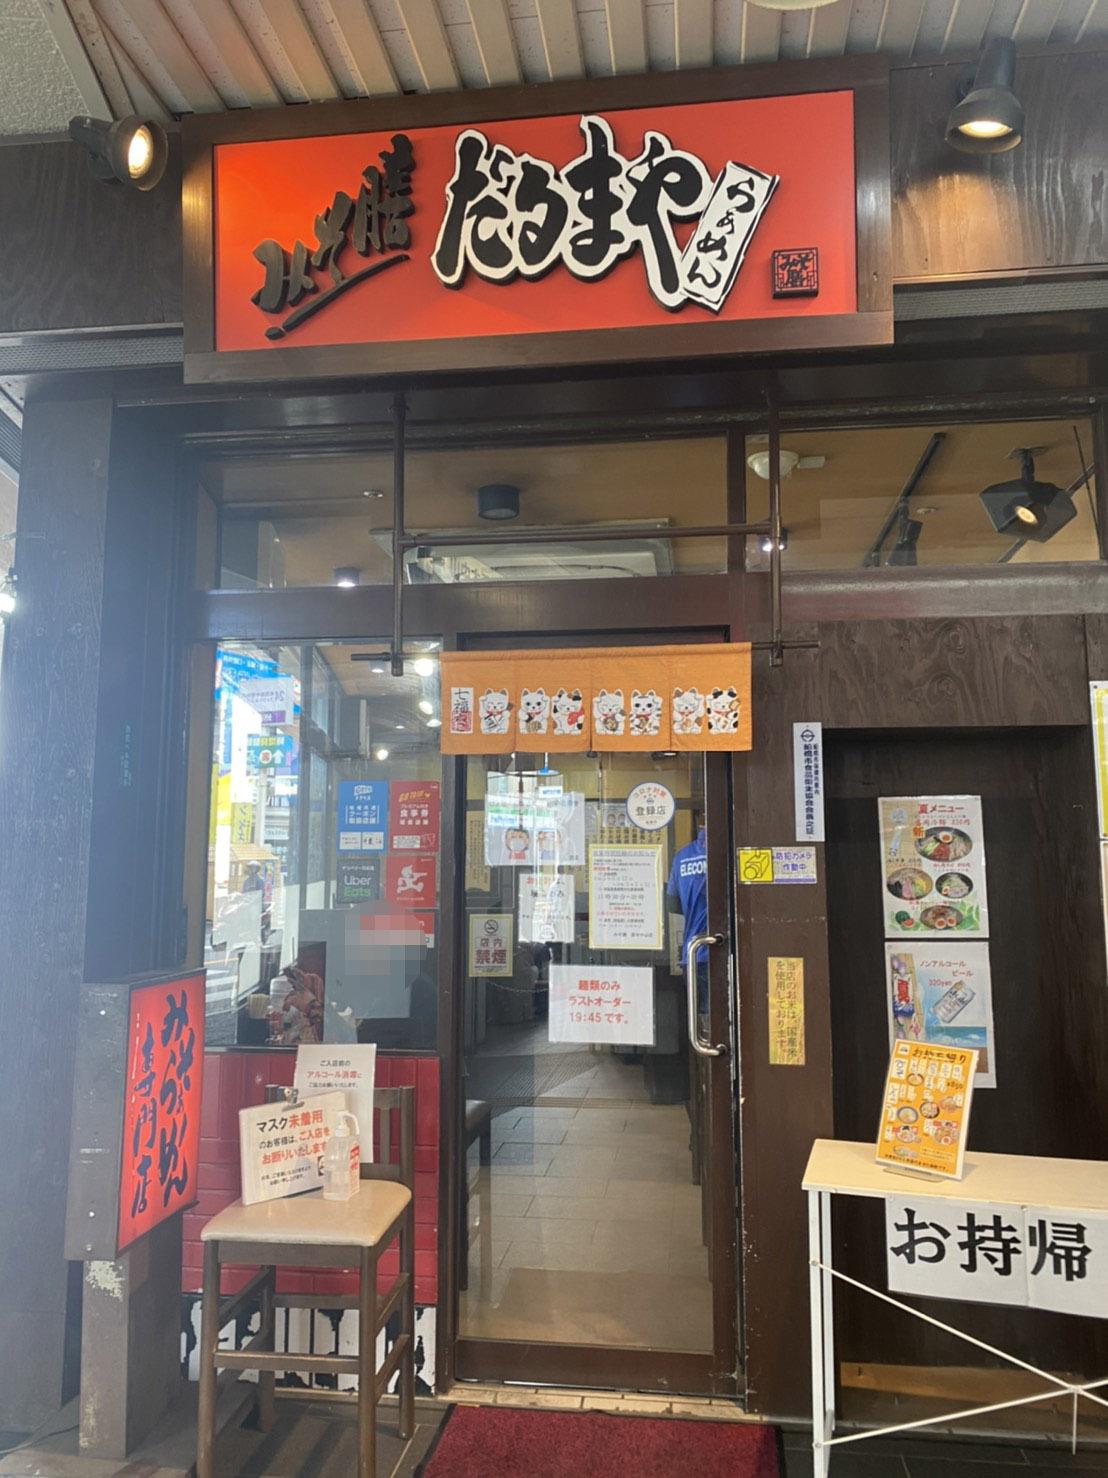 お持ち帰りブースが設けられたお店入口の写真